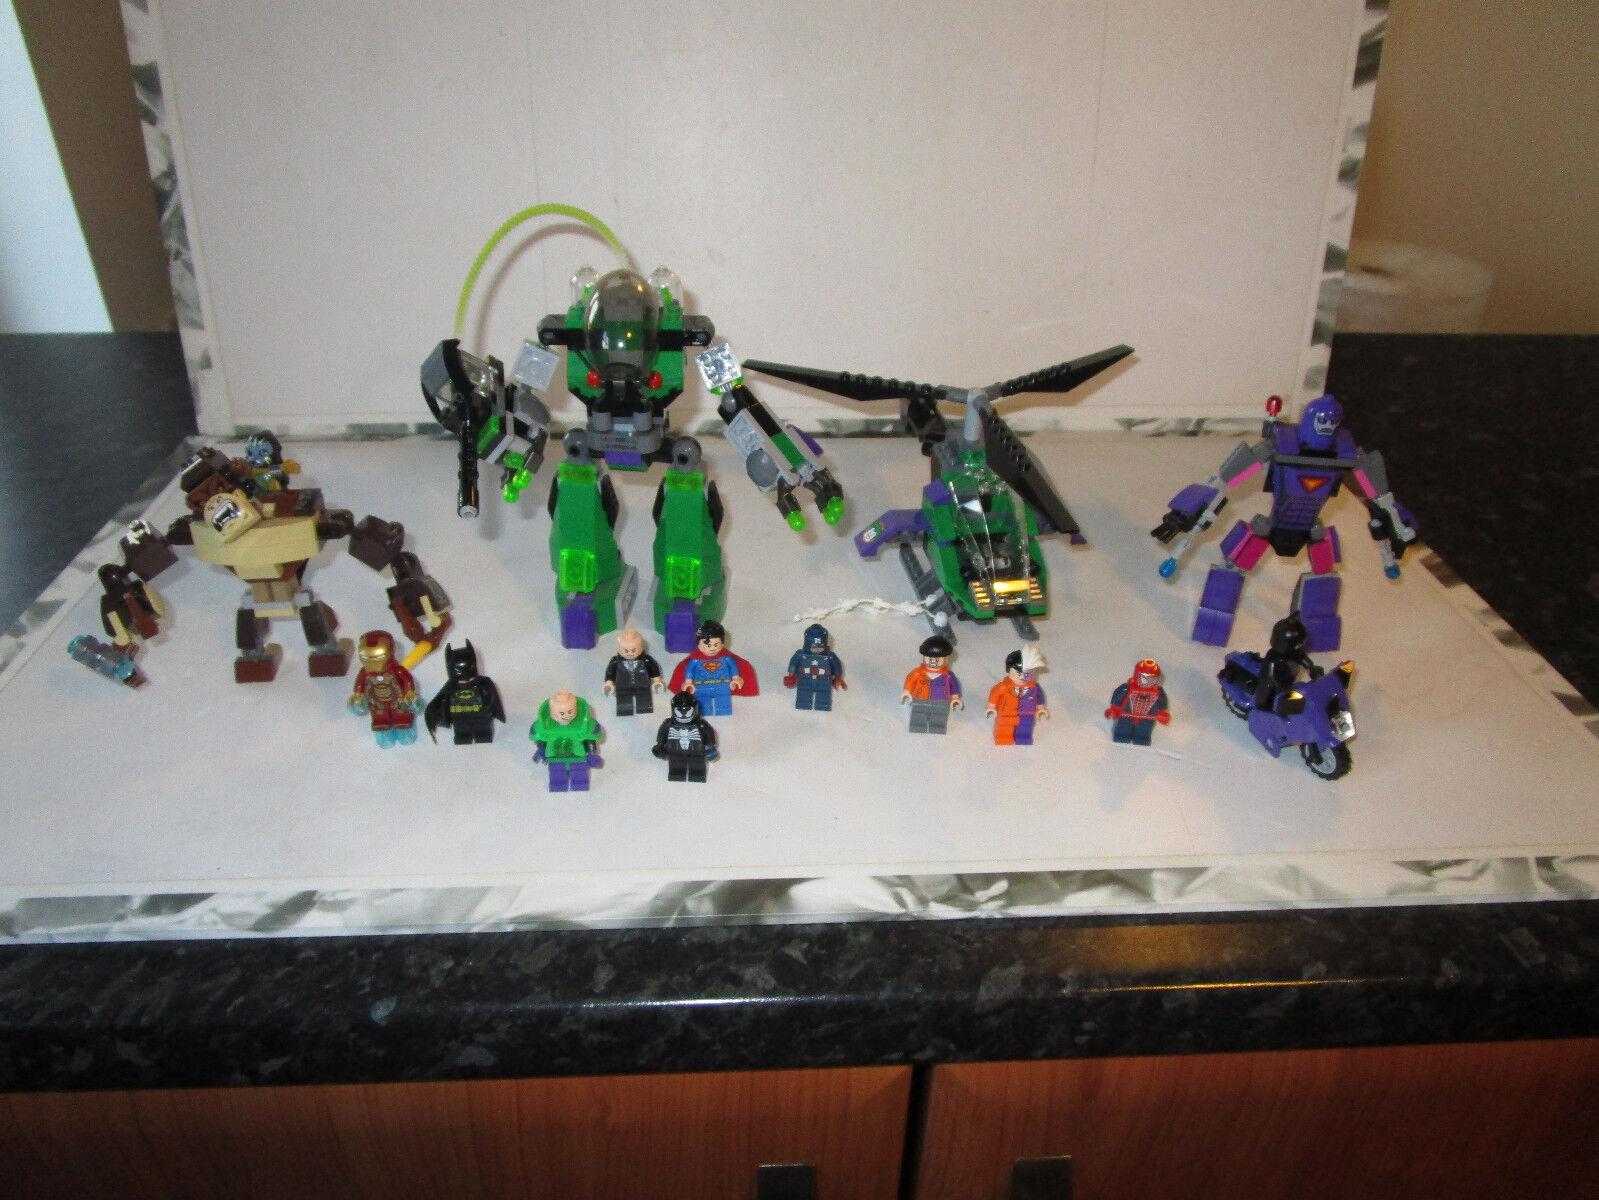 LEGO DC SUPERHEROES Bundle Lex Luther Mech Robot, The Sentinel, Gorilla beastetc | Que Nos Produits Vont Dans Le Monde